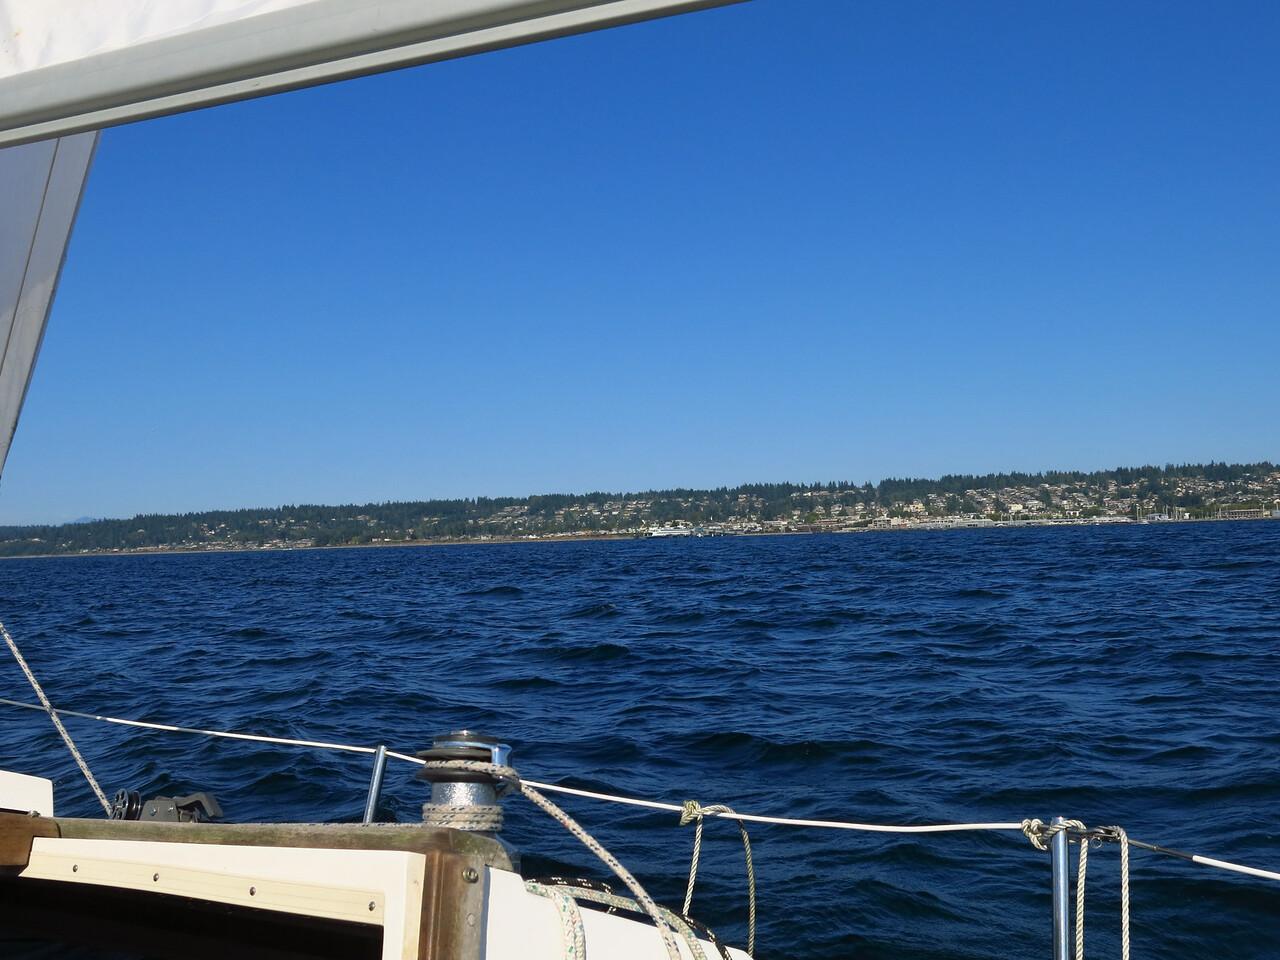 2014-07-26 Sail (18)